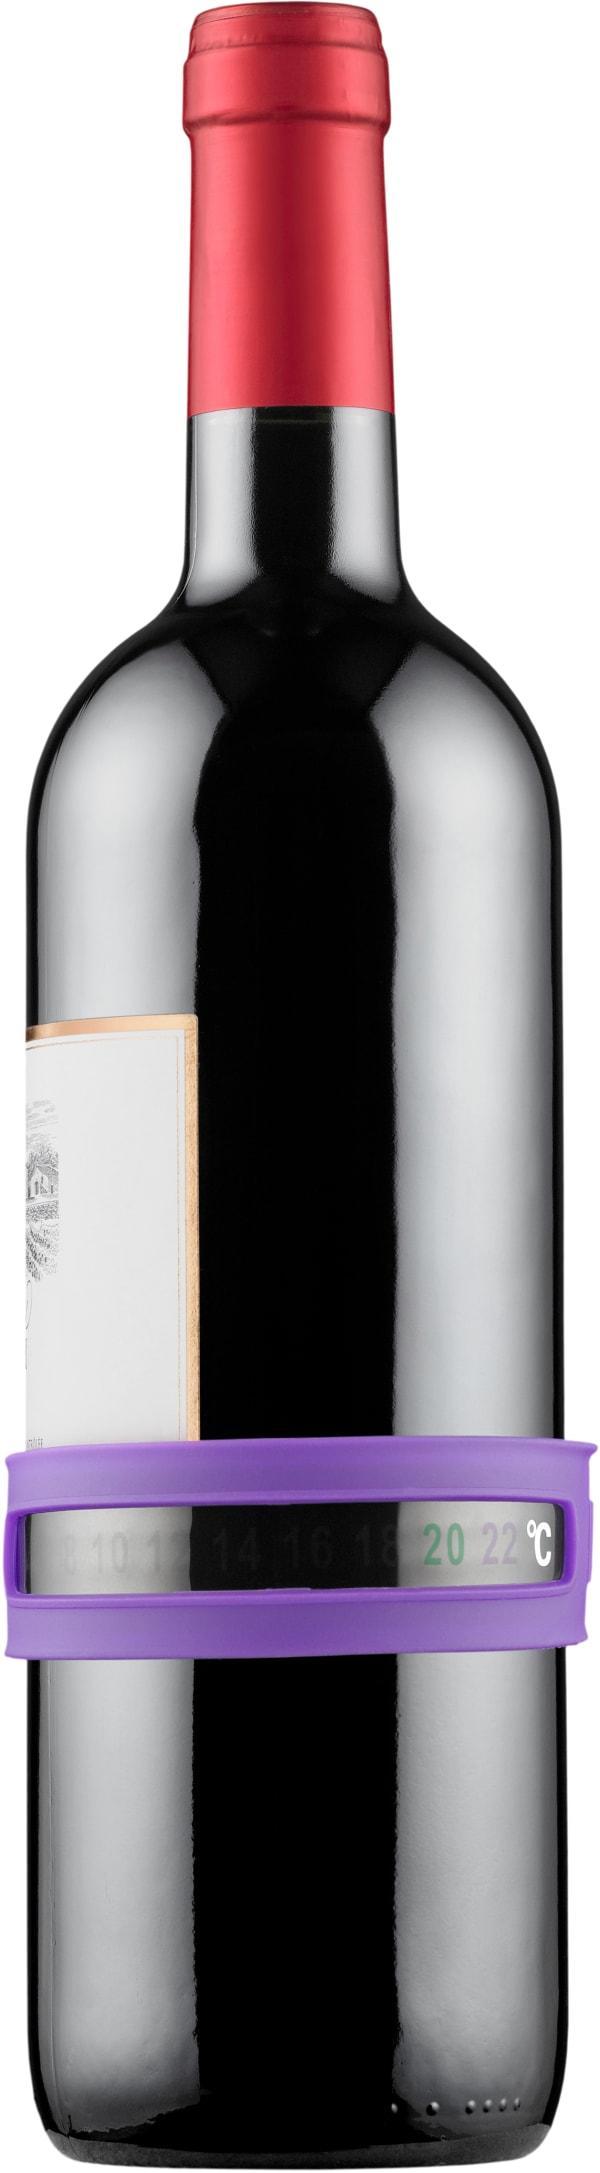 Etiketti-viinilämpömittari